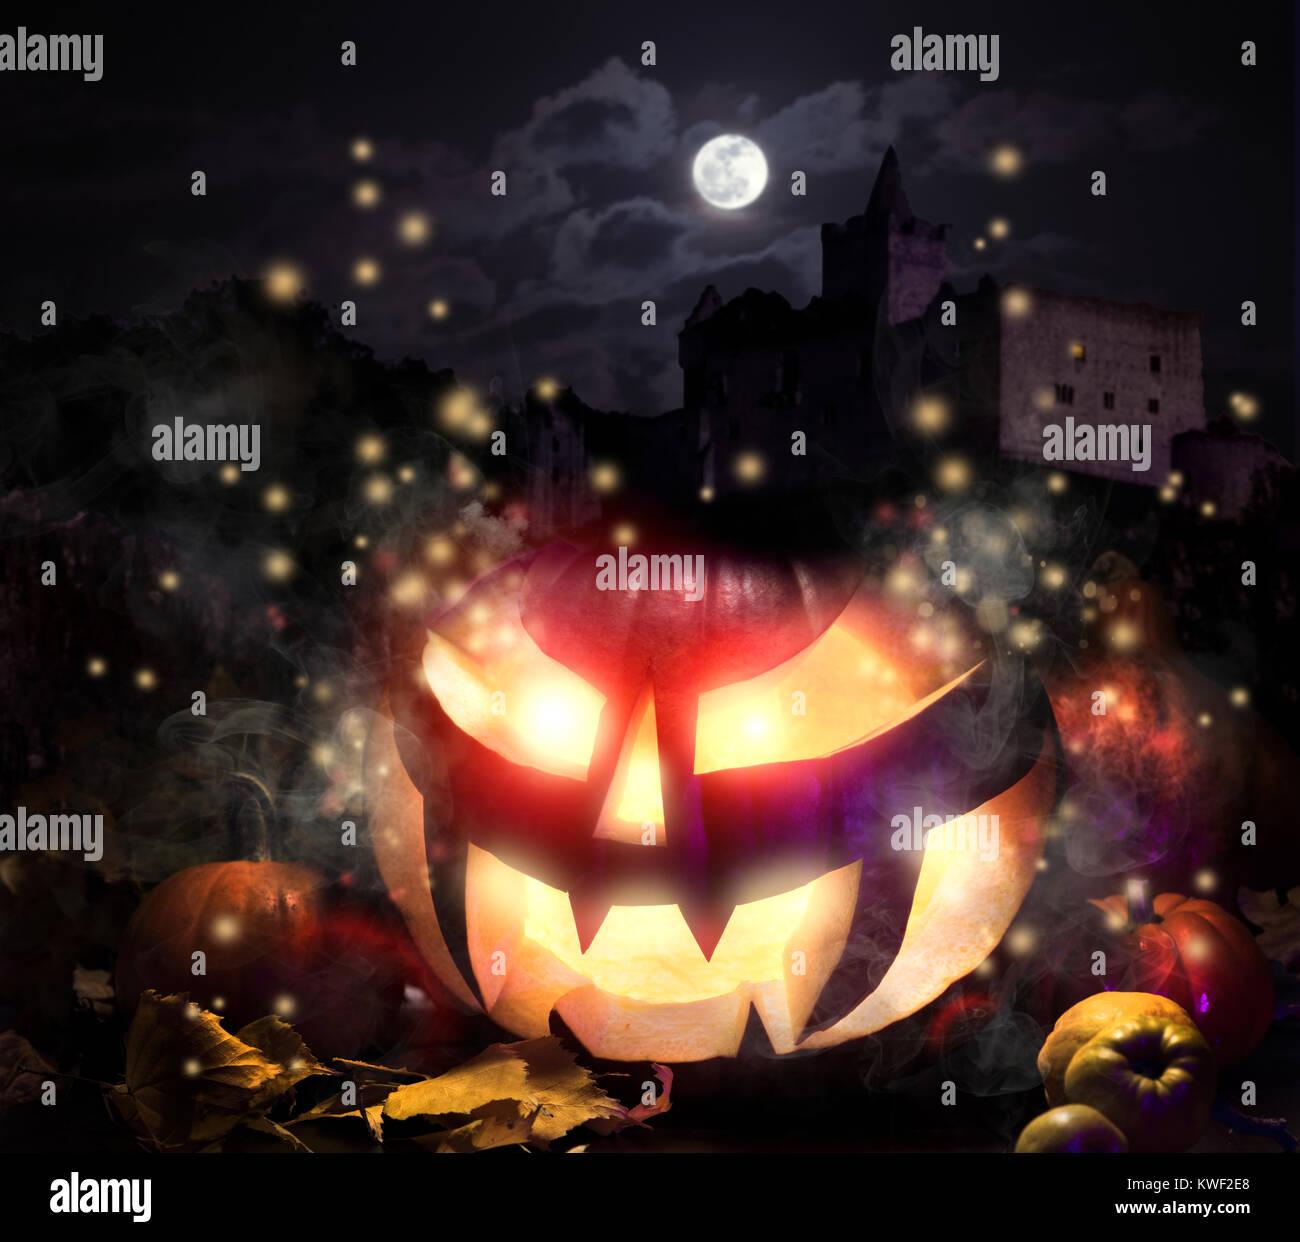 Halloween pumpkin with haunted castle under moonlight - Stock Image